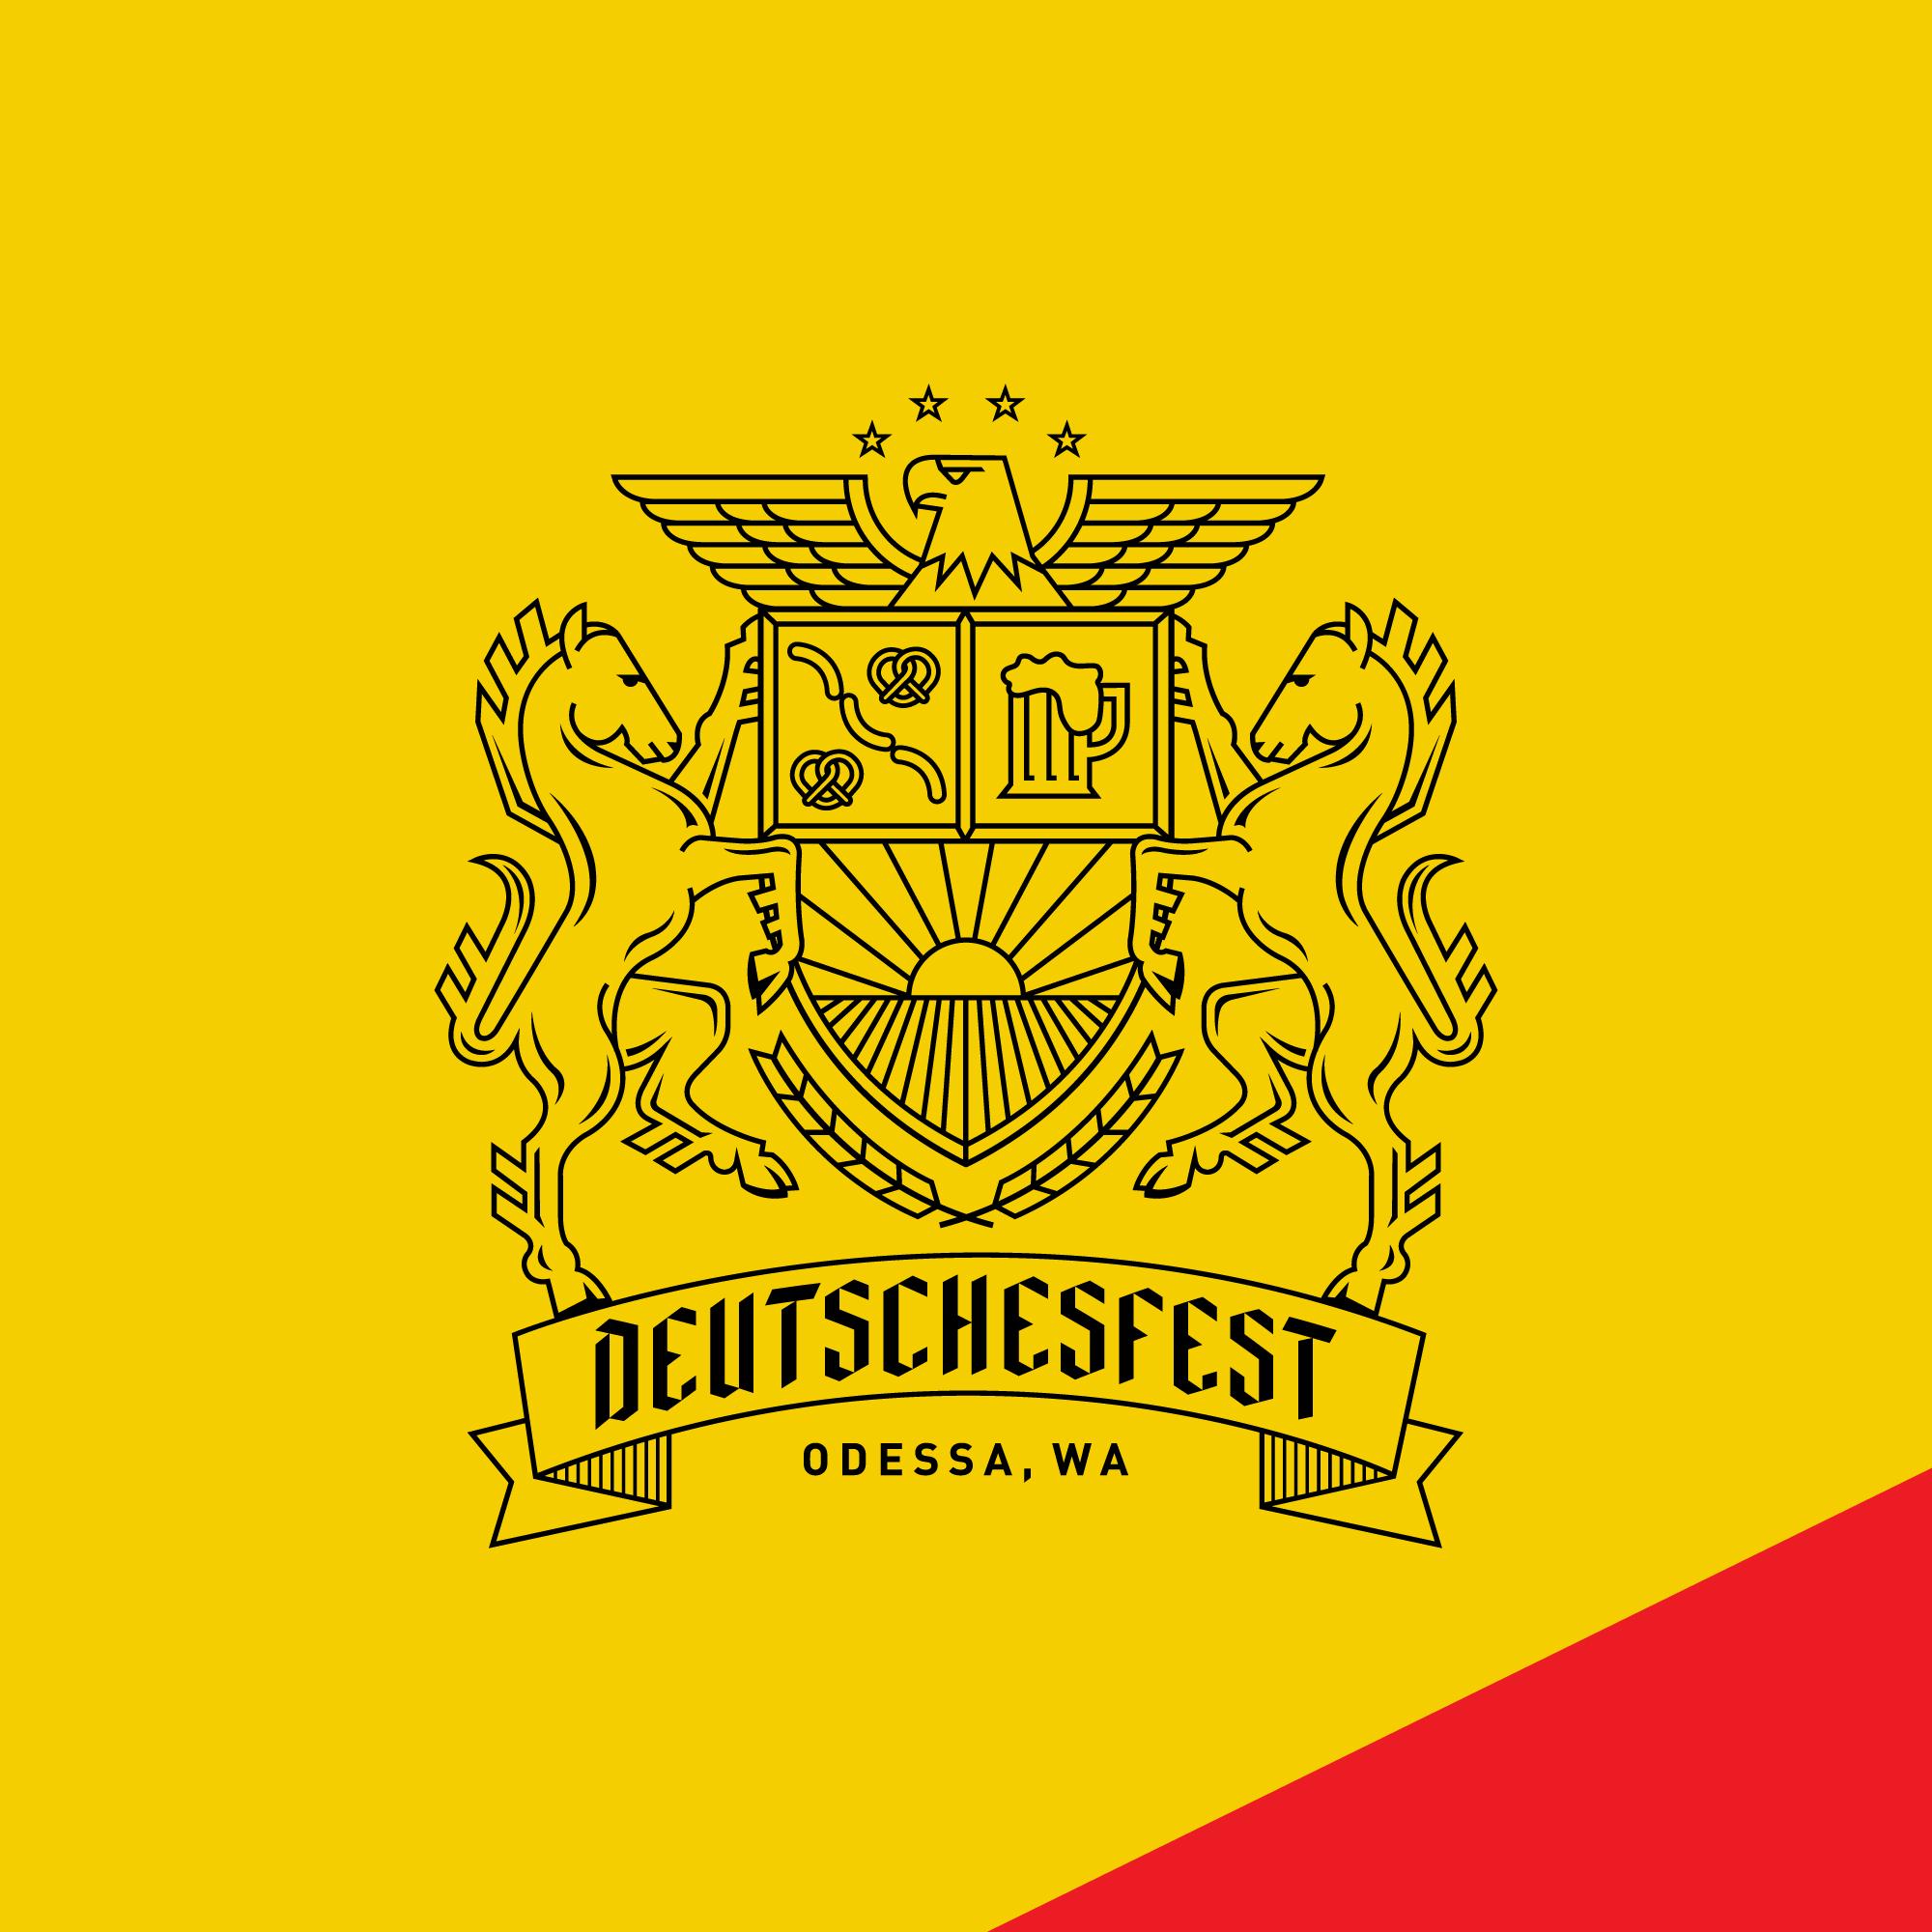 dfest-logo1.jpg